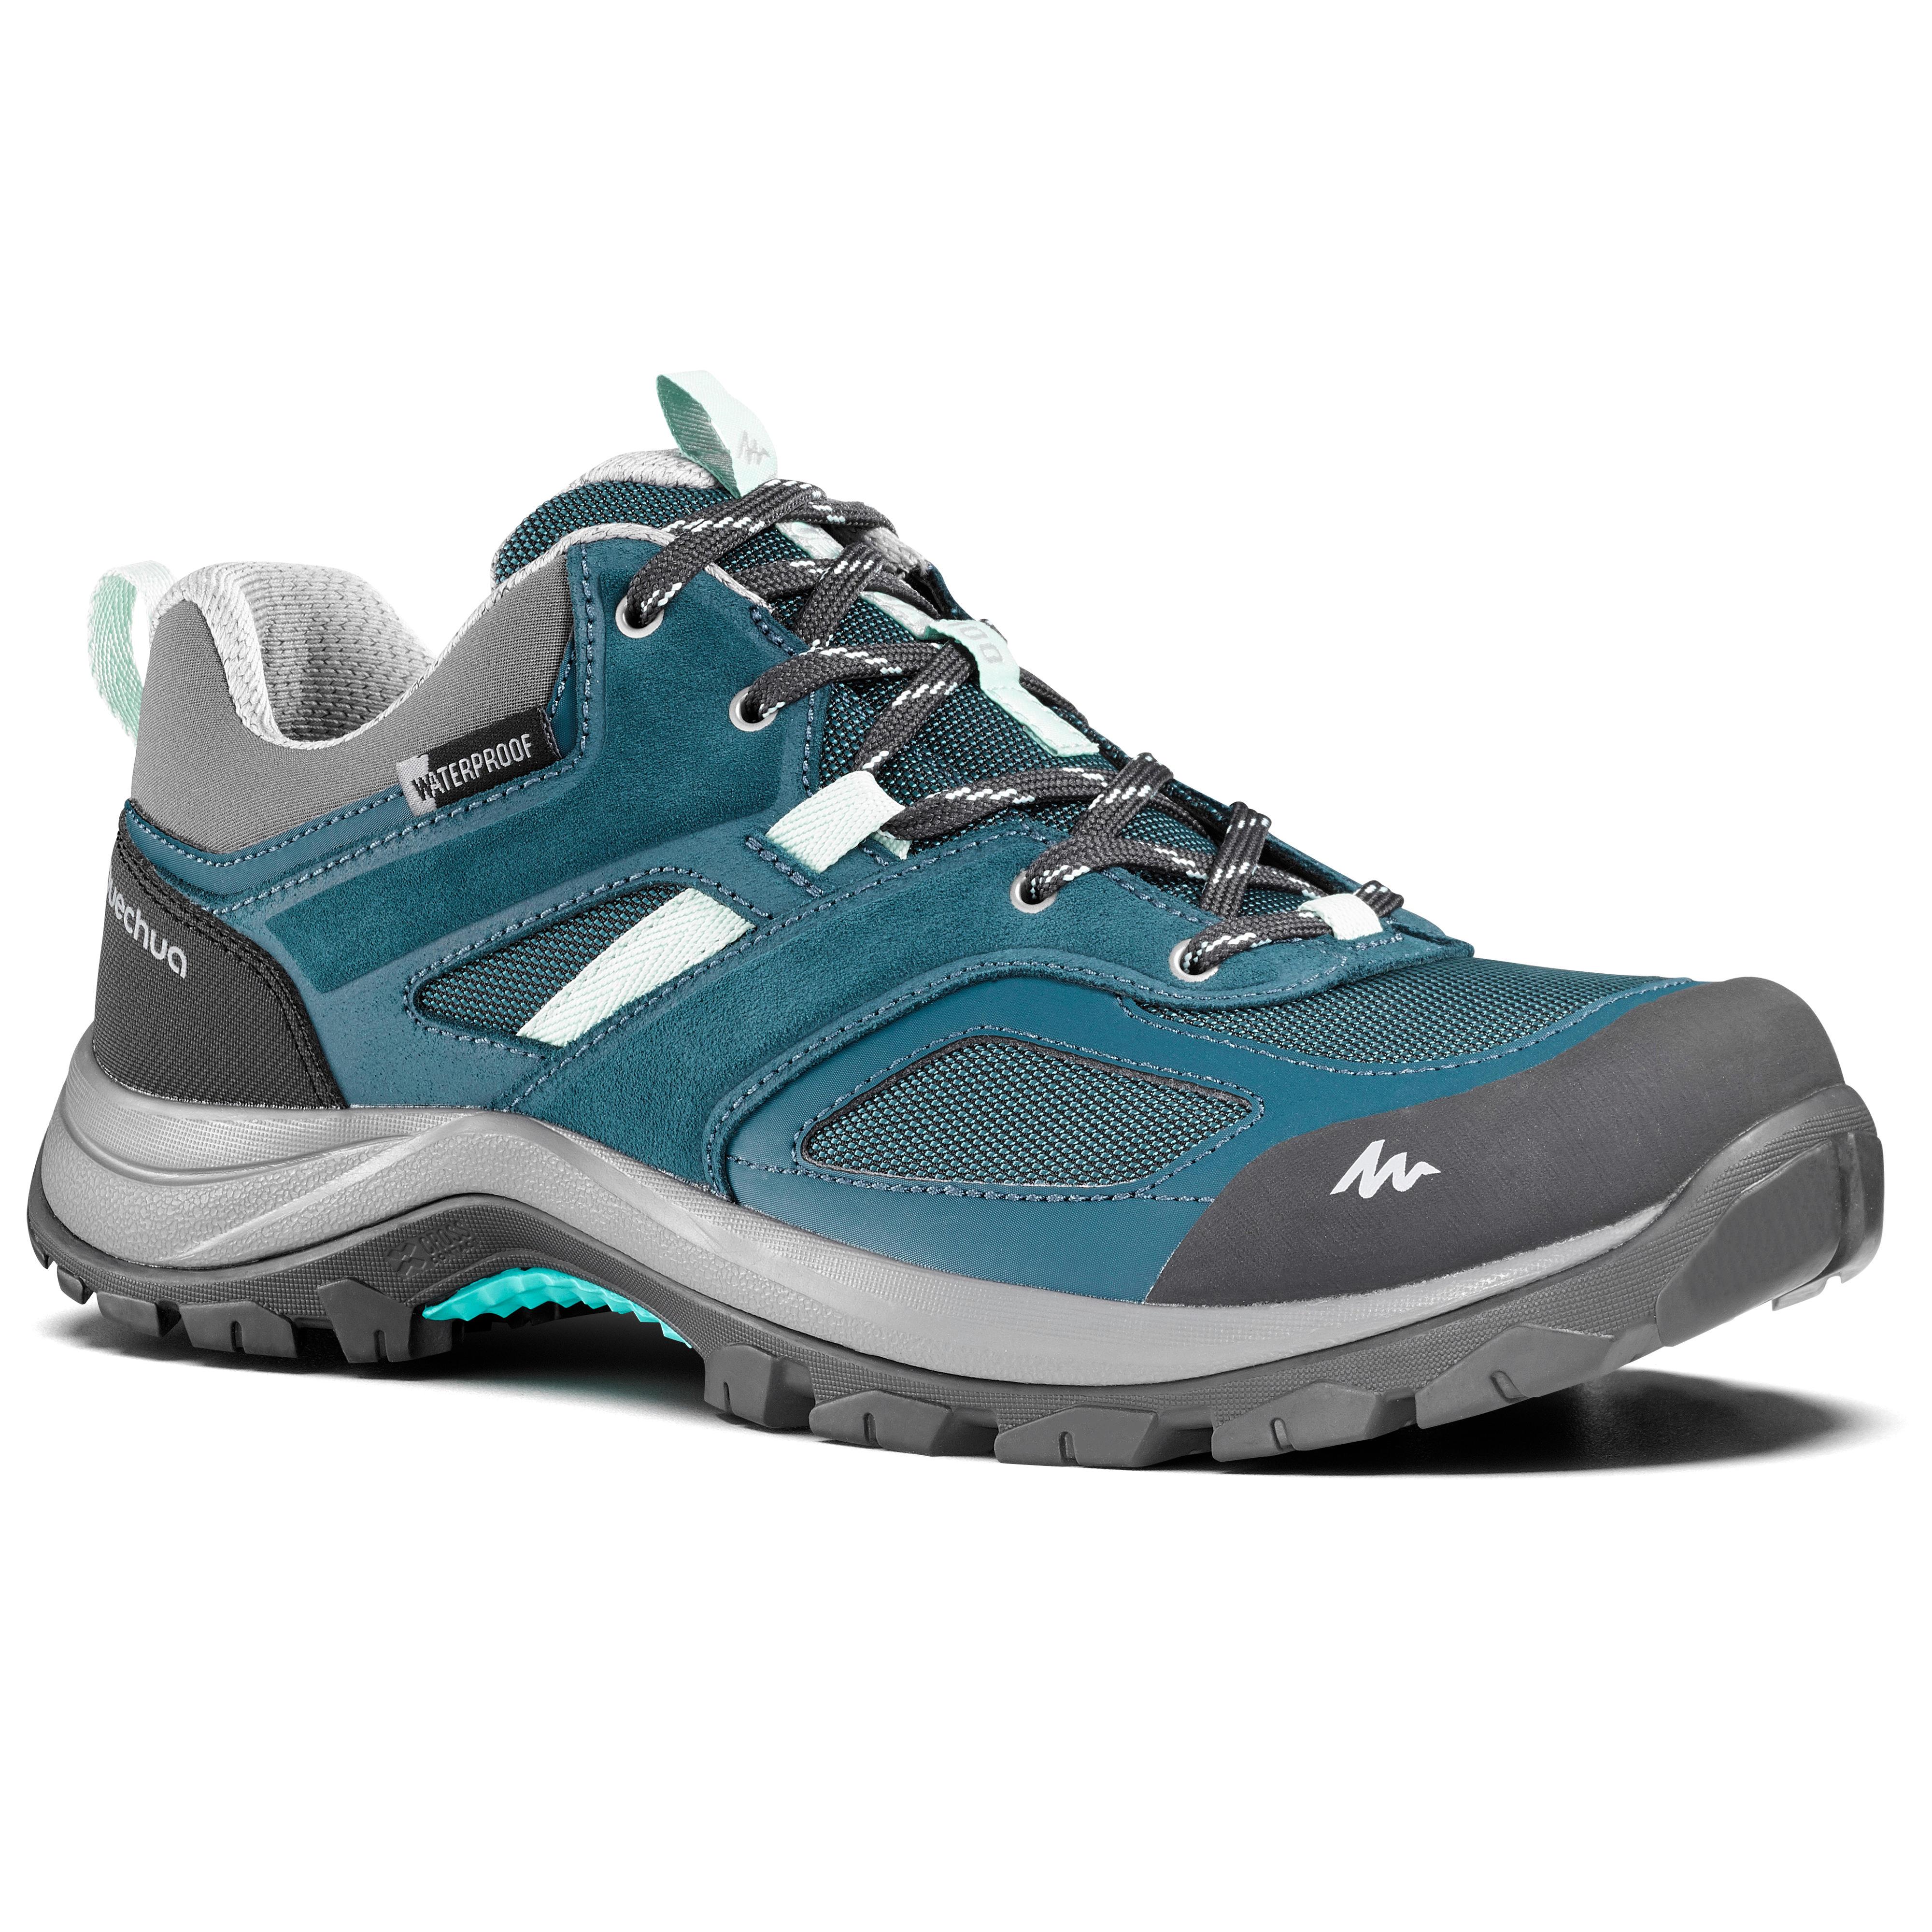 Chaussures de randonnée montagne femme MH100 imperméables Turquoise - Quechua